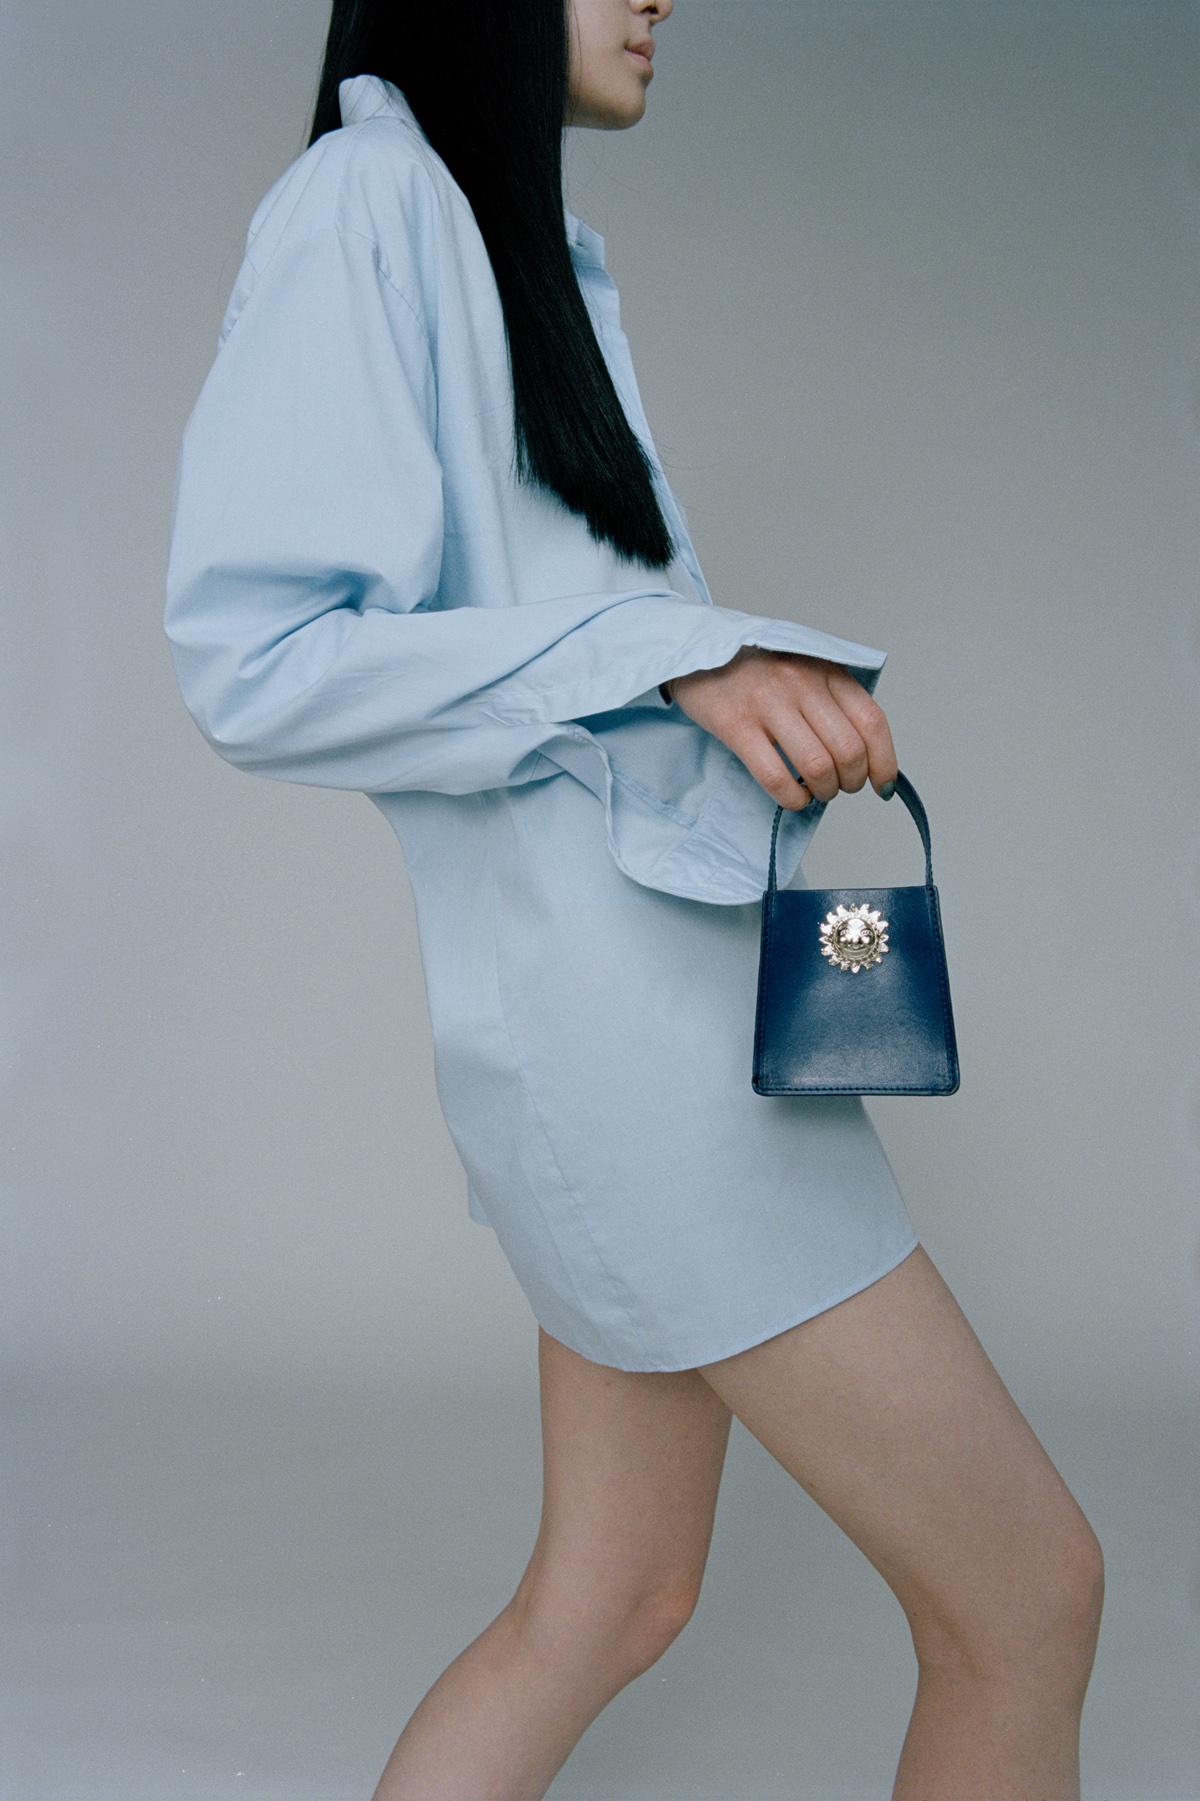 Simon Habegger ACC.Helvetica Accessoires Handtasche Mini Bag Appenzell Handwerk Leder